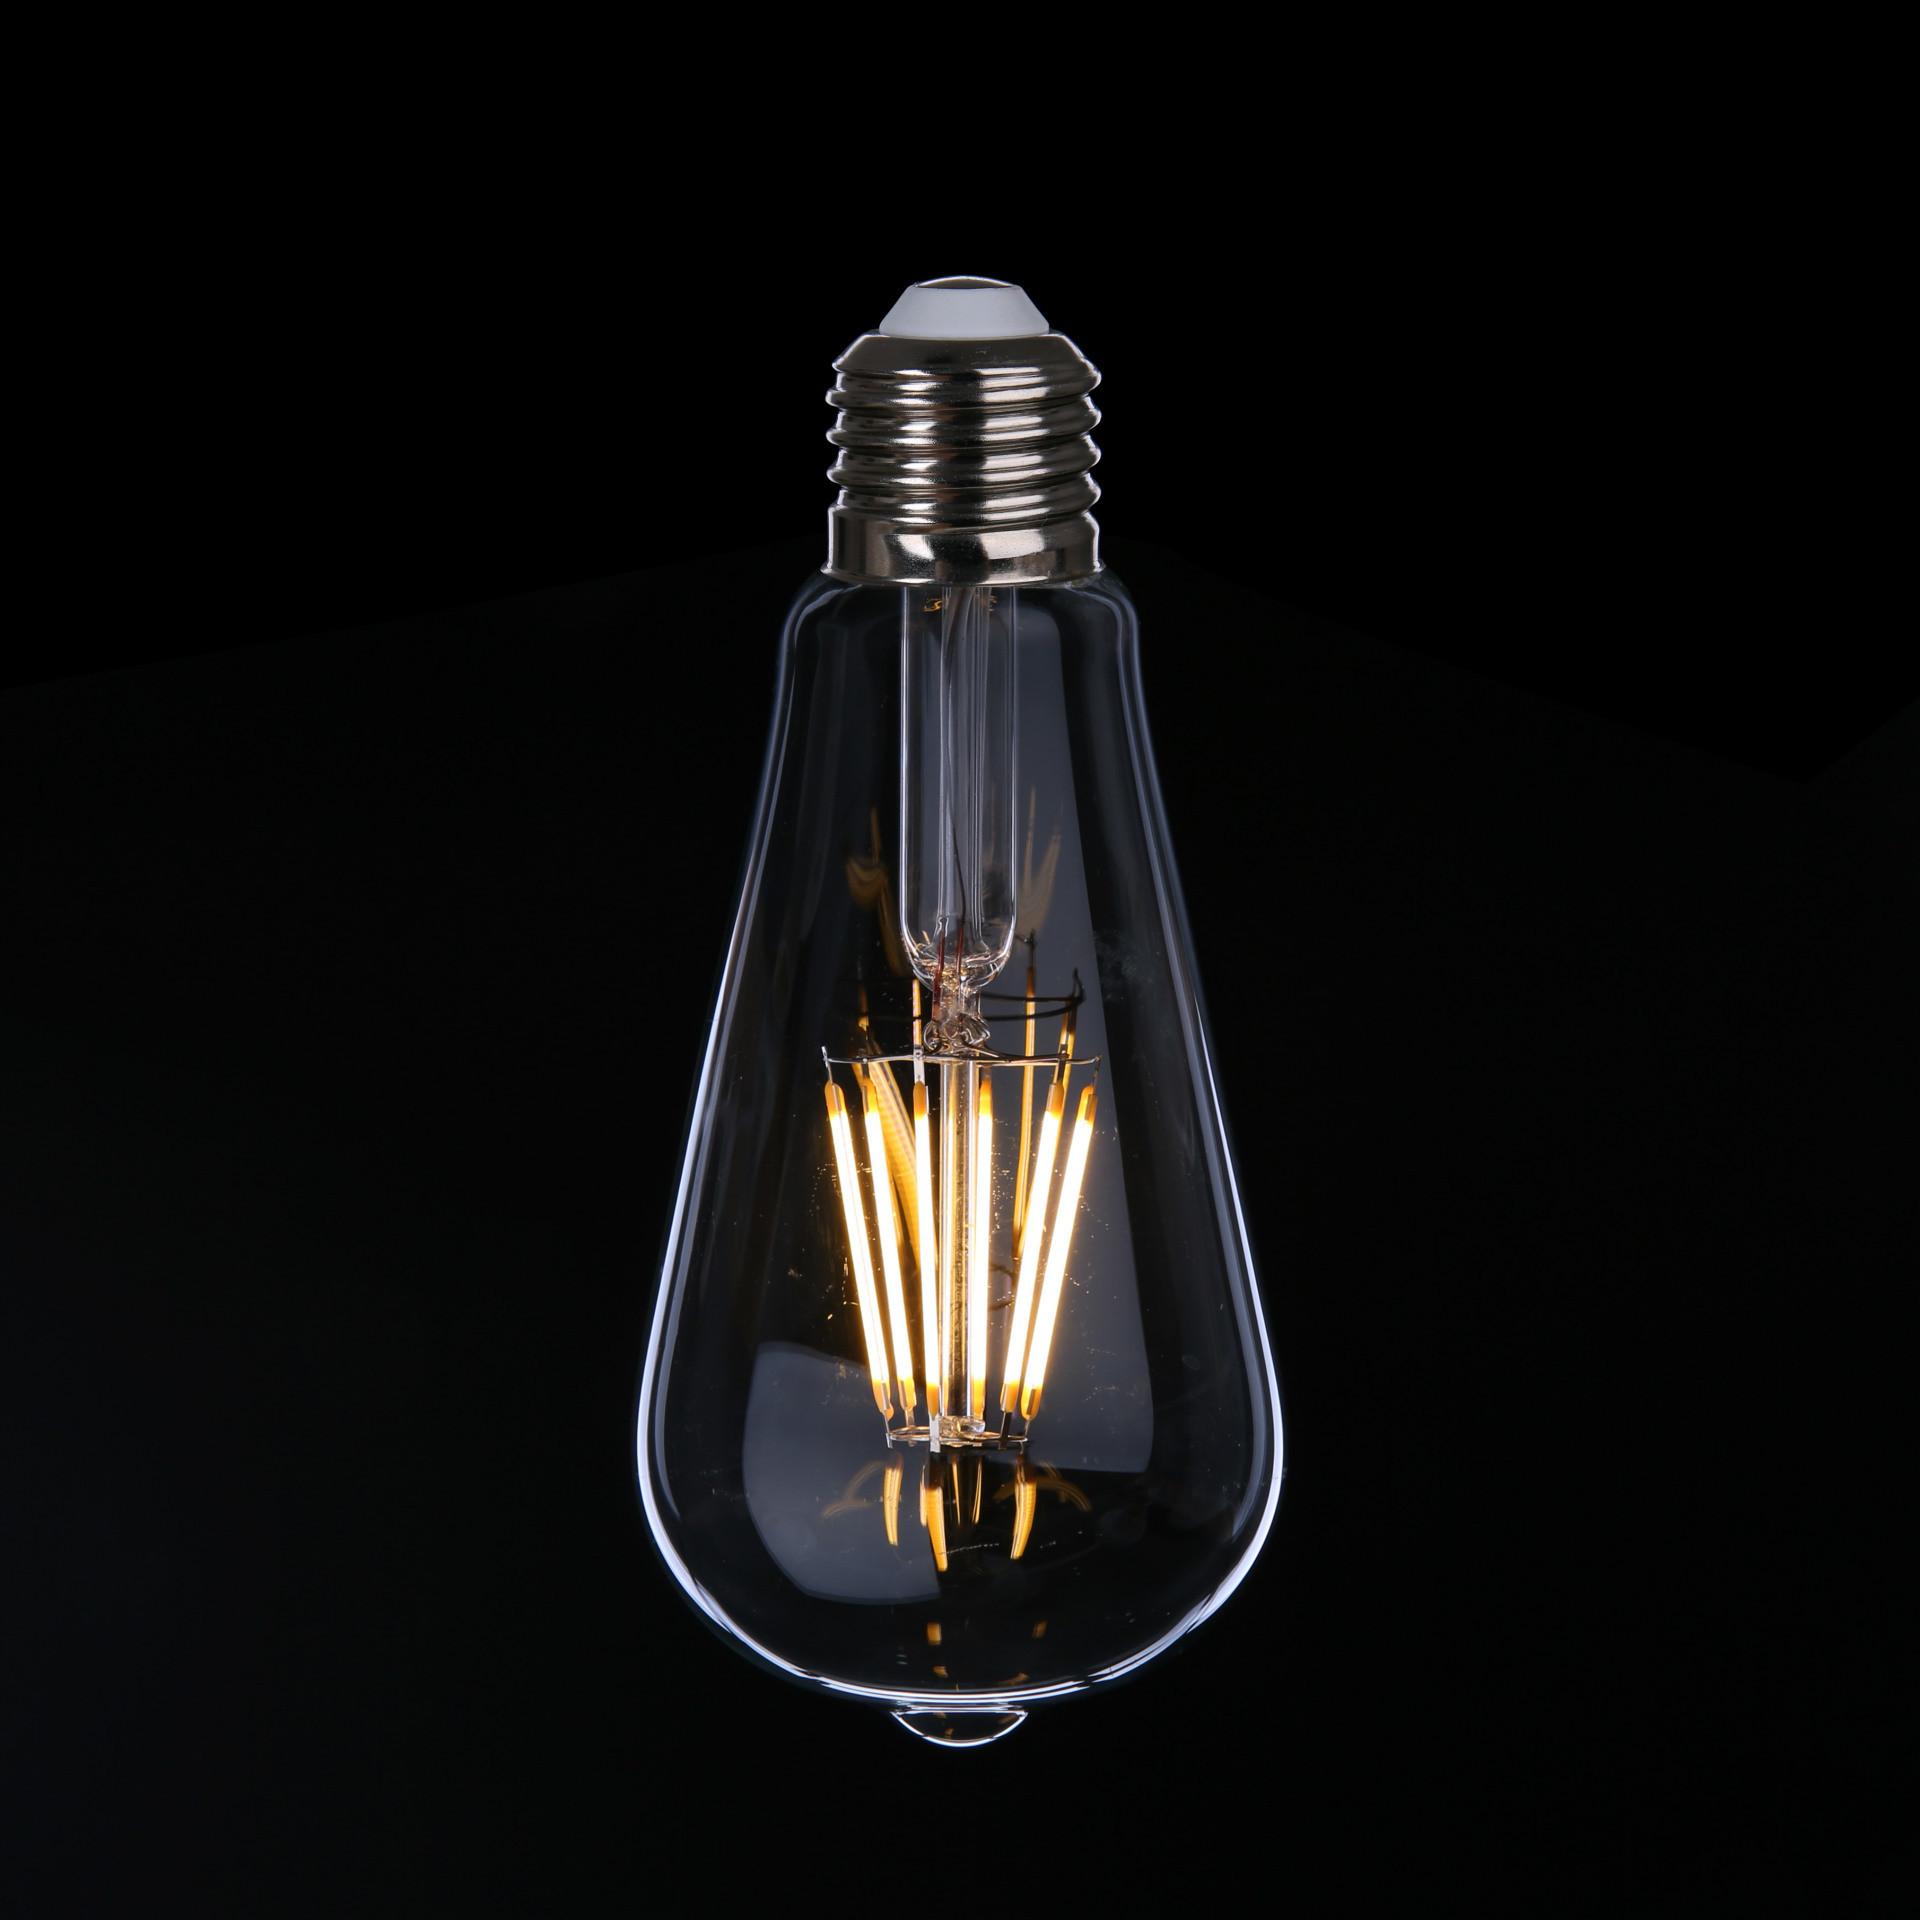 Energy Saving Light St64 E27 6W LED Filament Bulb